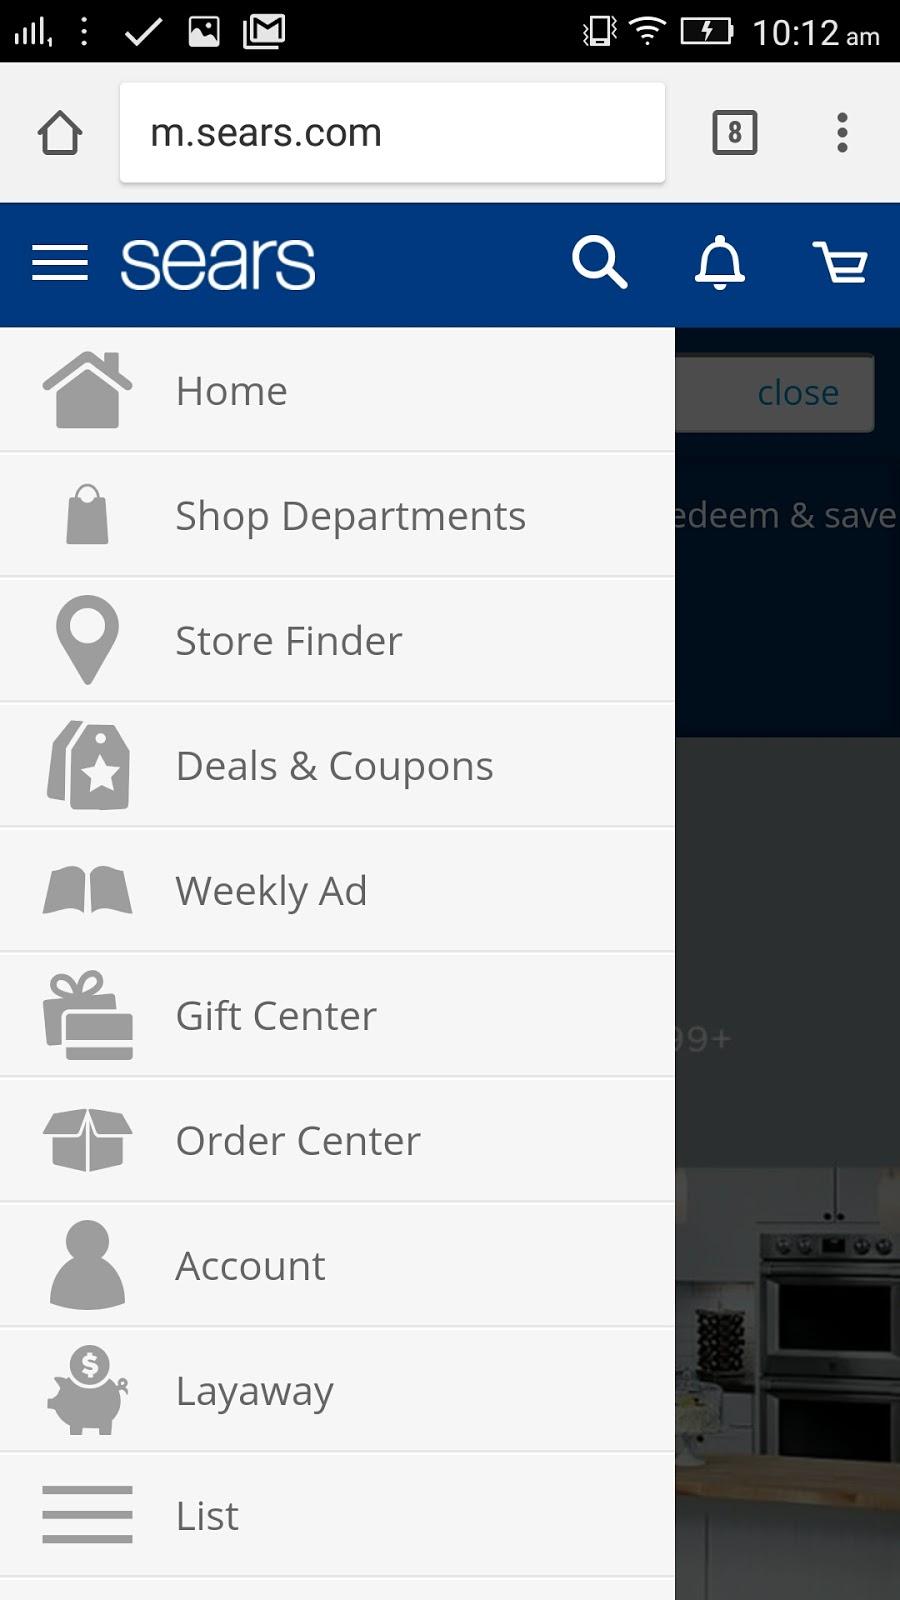 Sears Mobile friendly menu